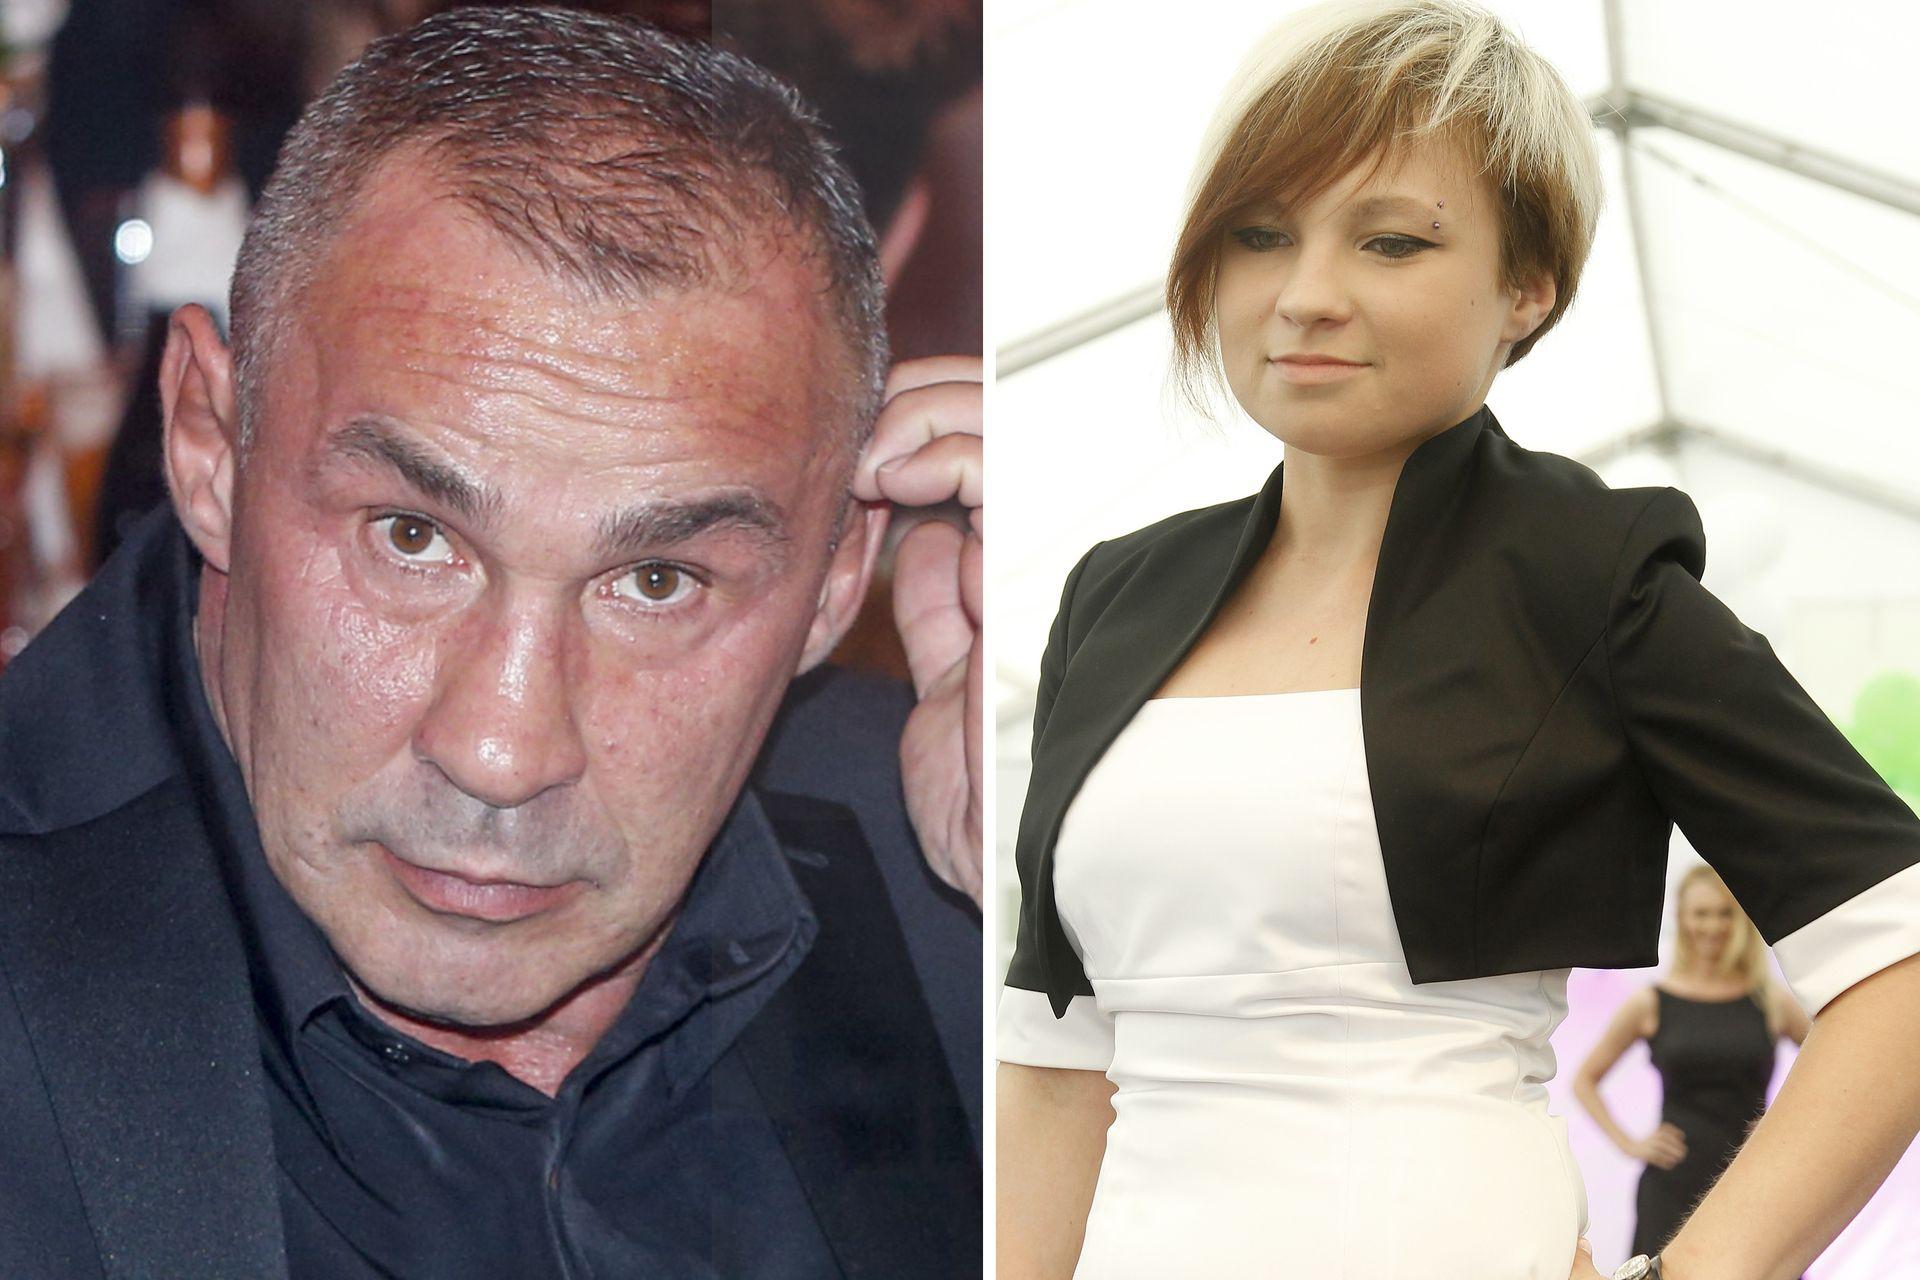 Saleta skomentował plotki o tym, że nie widuje się z córką, Nicole